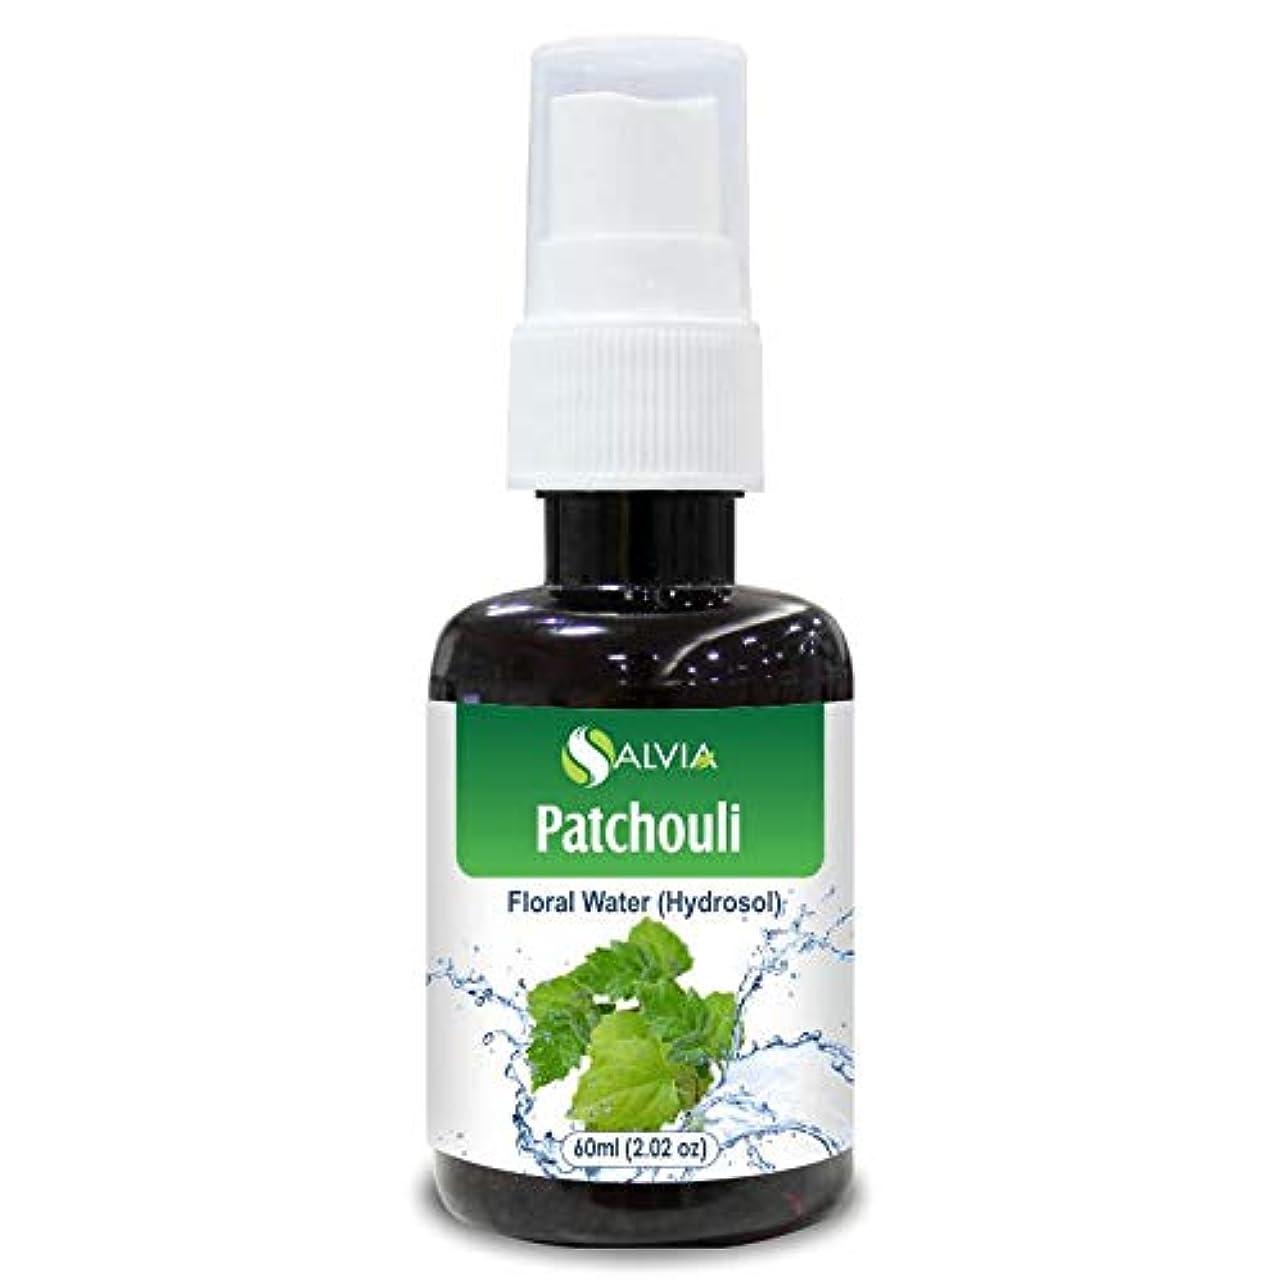 へこみ登録ふつうPatchouli Floral Water 60ml (Hydrosol) 100% Pure And Natural